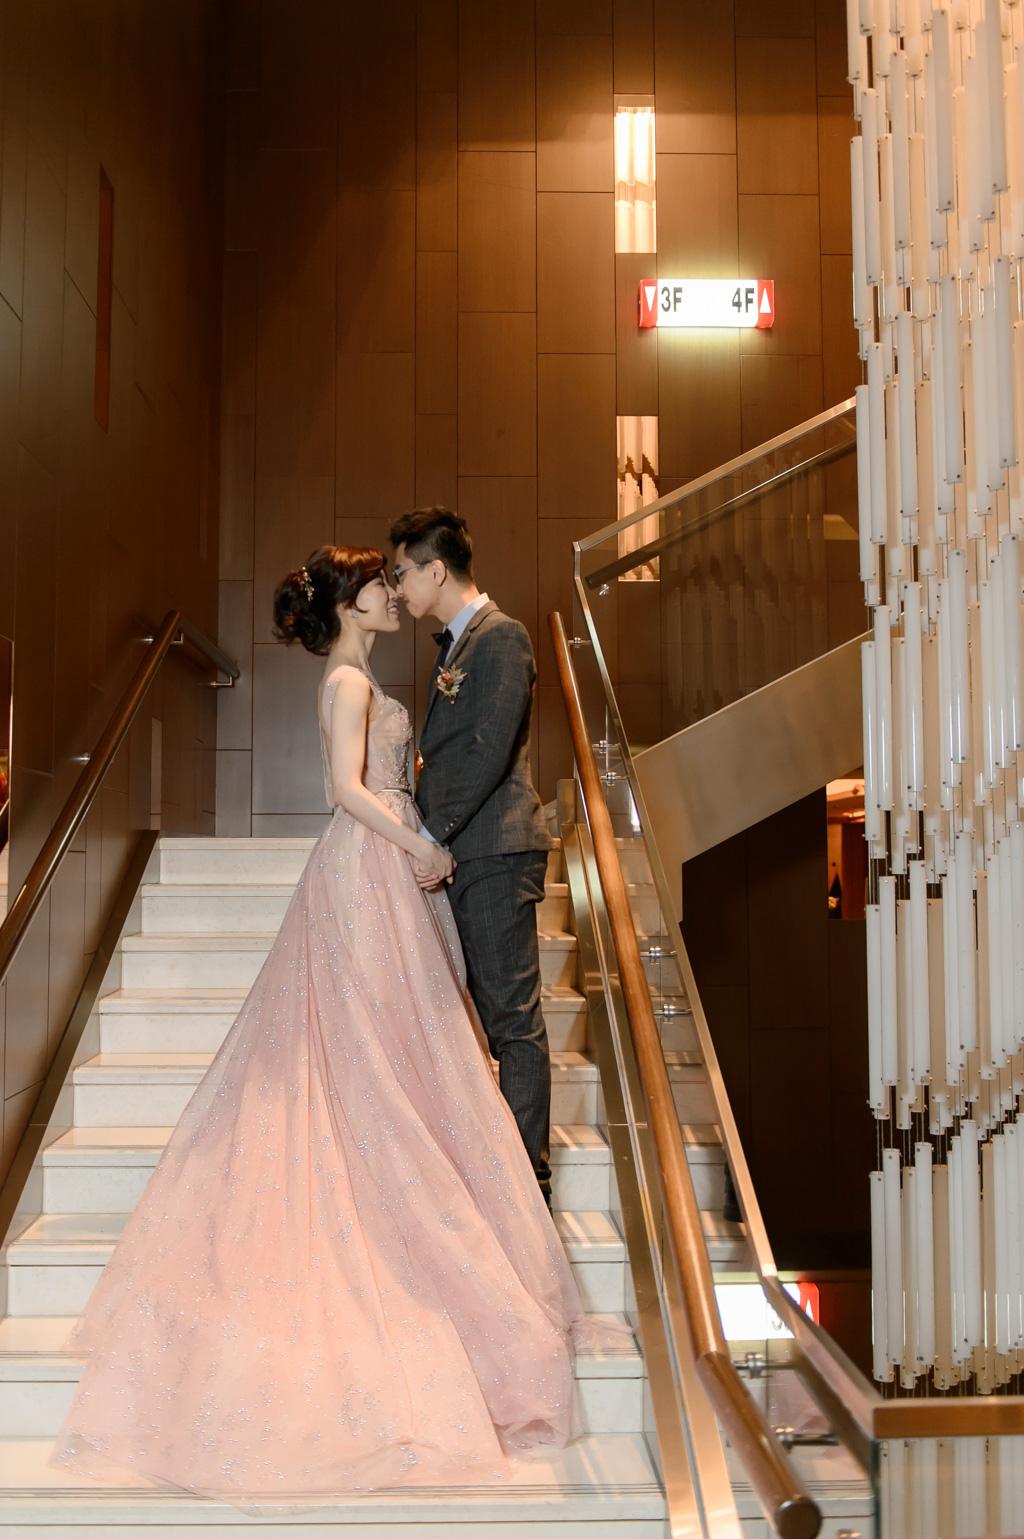 婚攝小勇, 小寶團隊, 綺色非凡彩妝造形工作室, 自助婚紗, 婚禮紀錄, 新竹喜來登,台北婚紗,wedding day-063